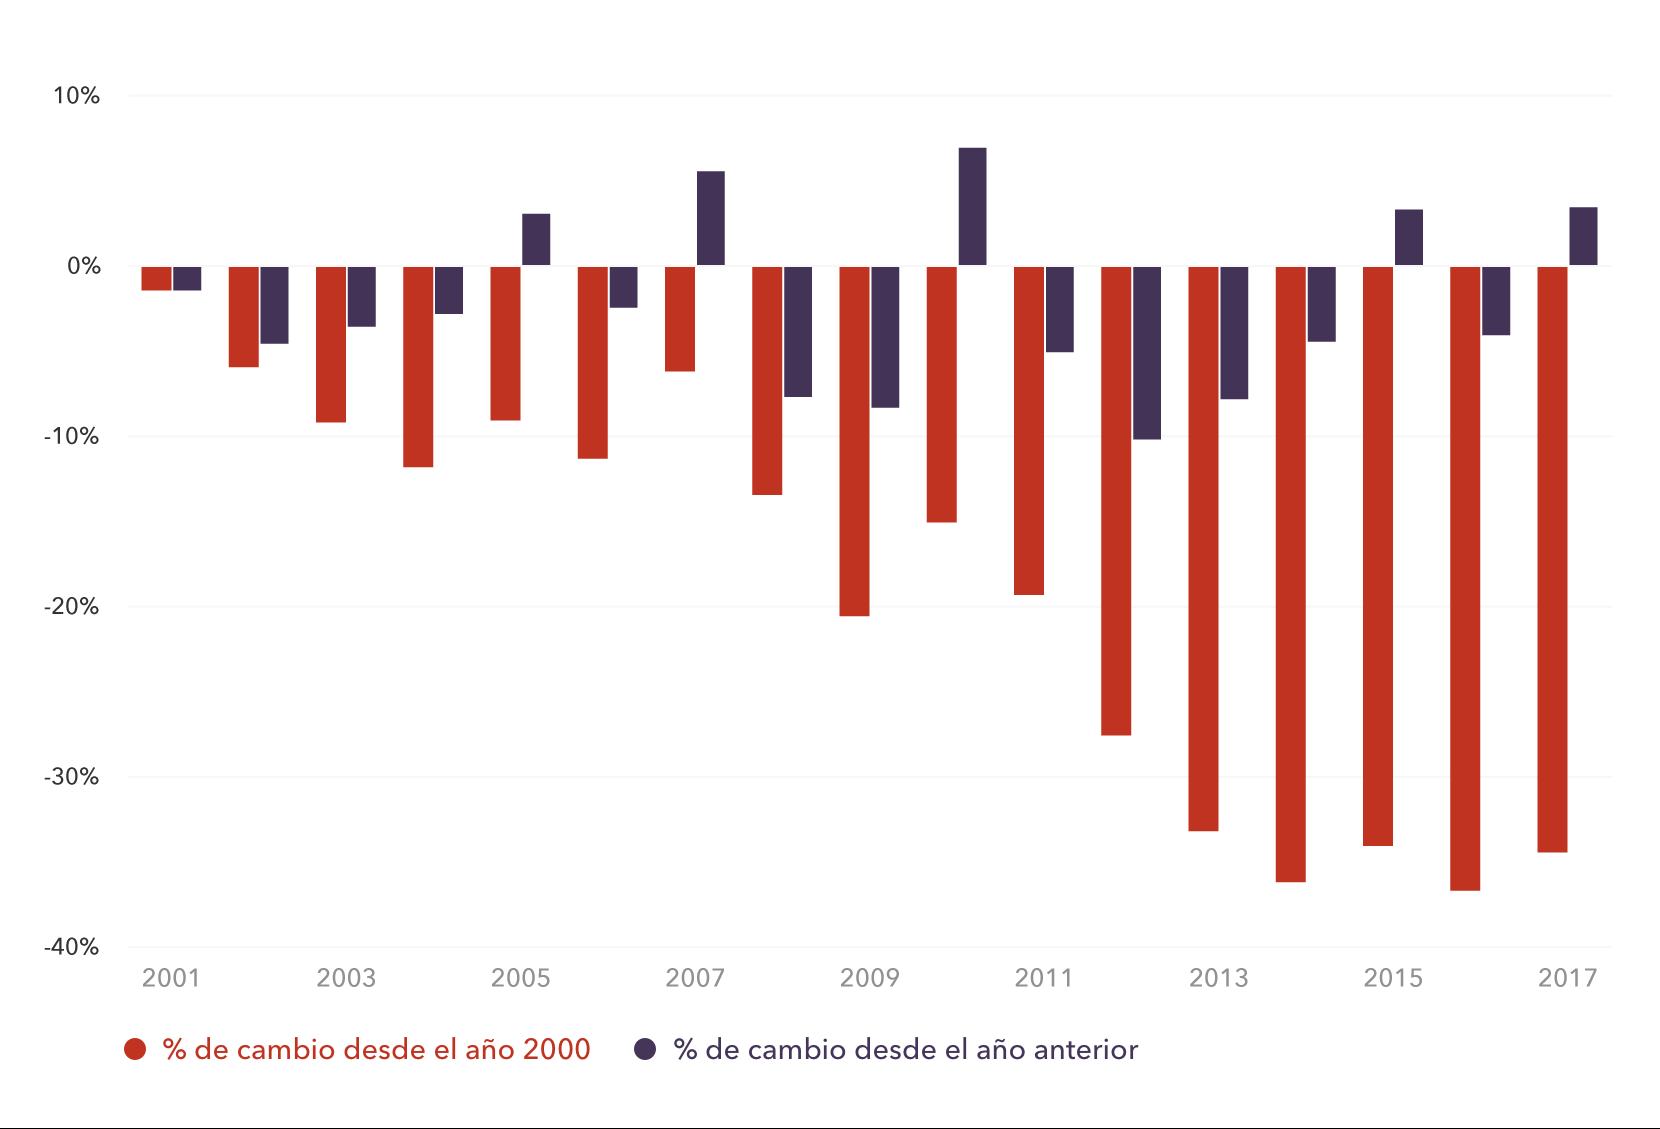 Cambio en el valor de la rupia india (INR) desde 2000